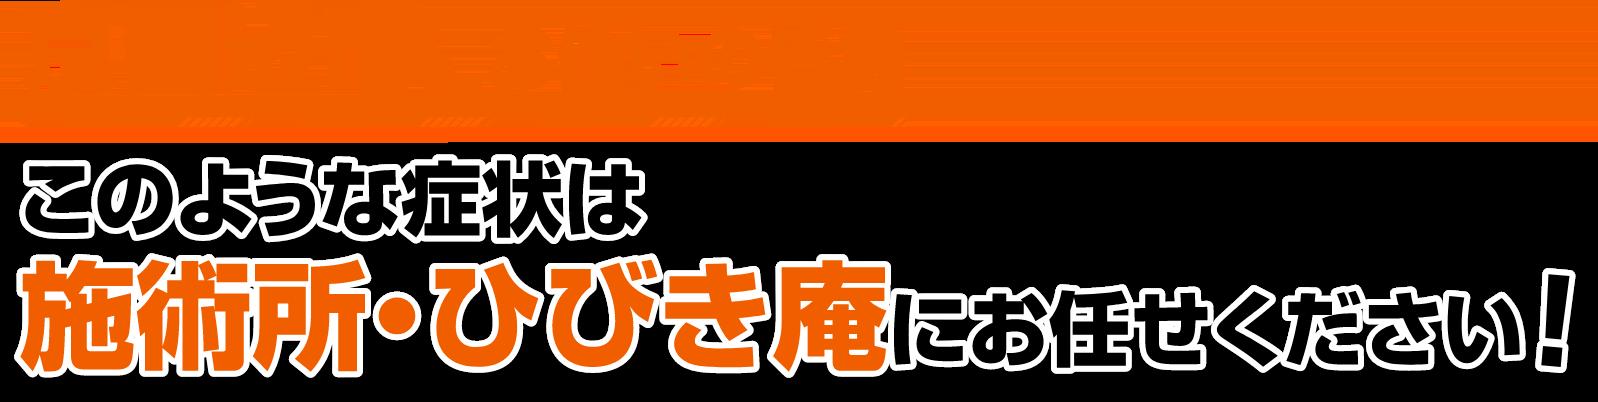 京田辺市にお住まいの皆様 このような症状は施術所・ひびき庵にお任せください!